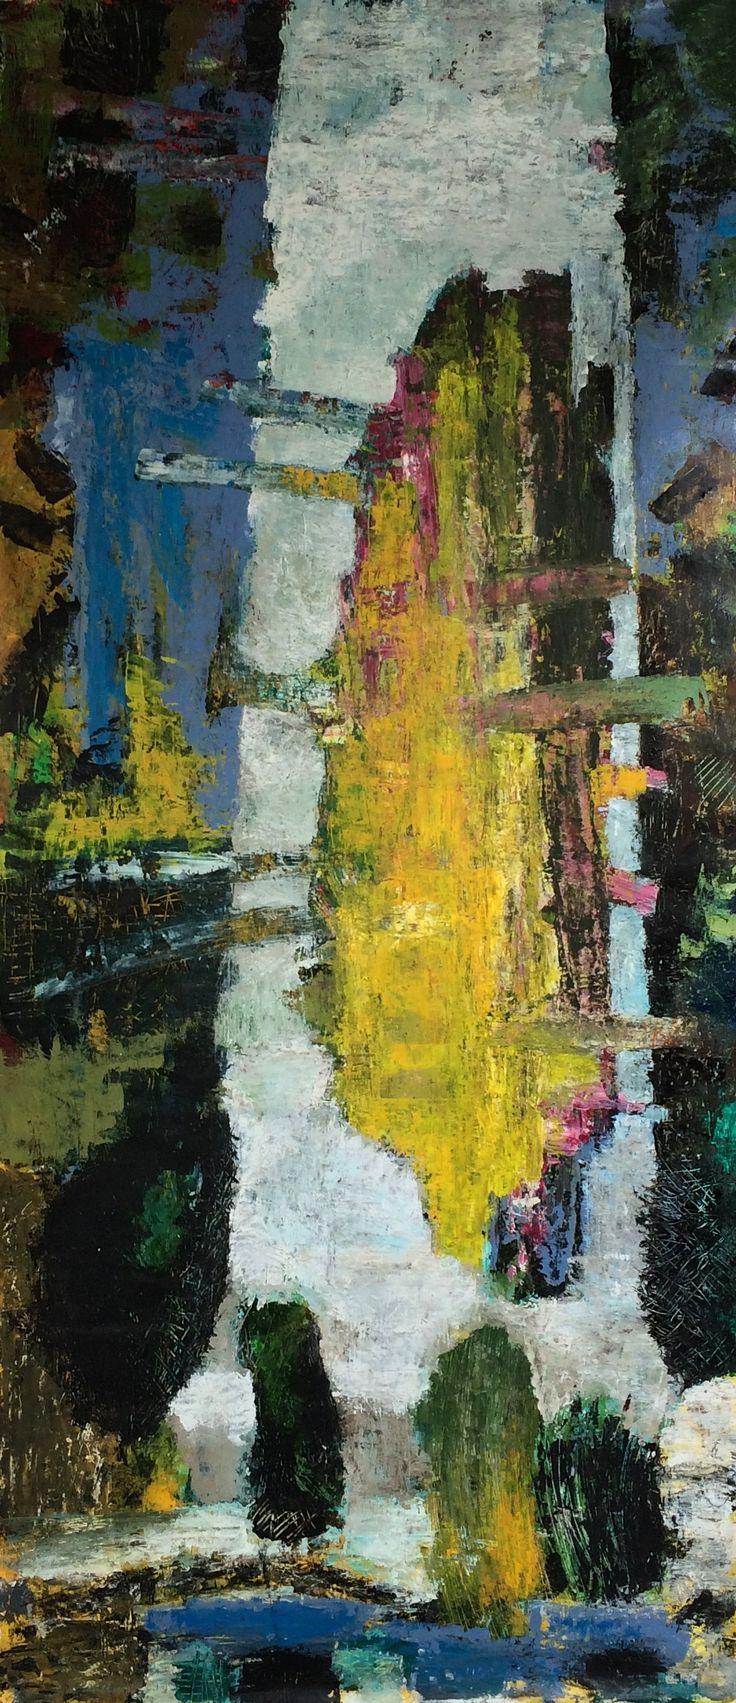 Kell Jarner, 2015. Akryl på lærred, 90 x 200 cm.